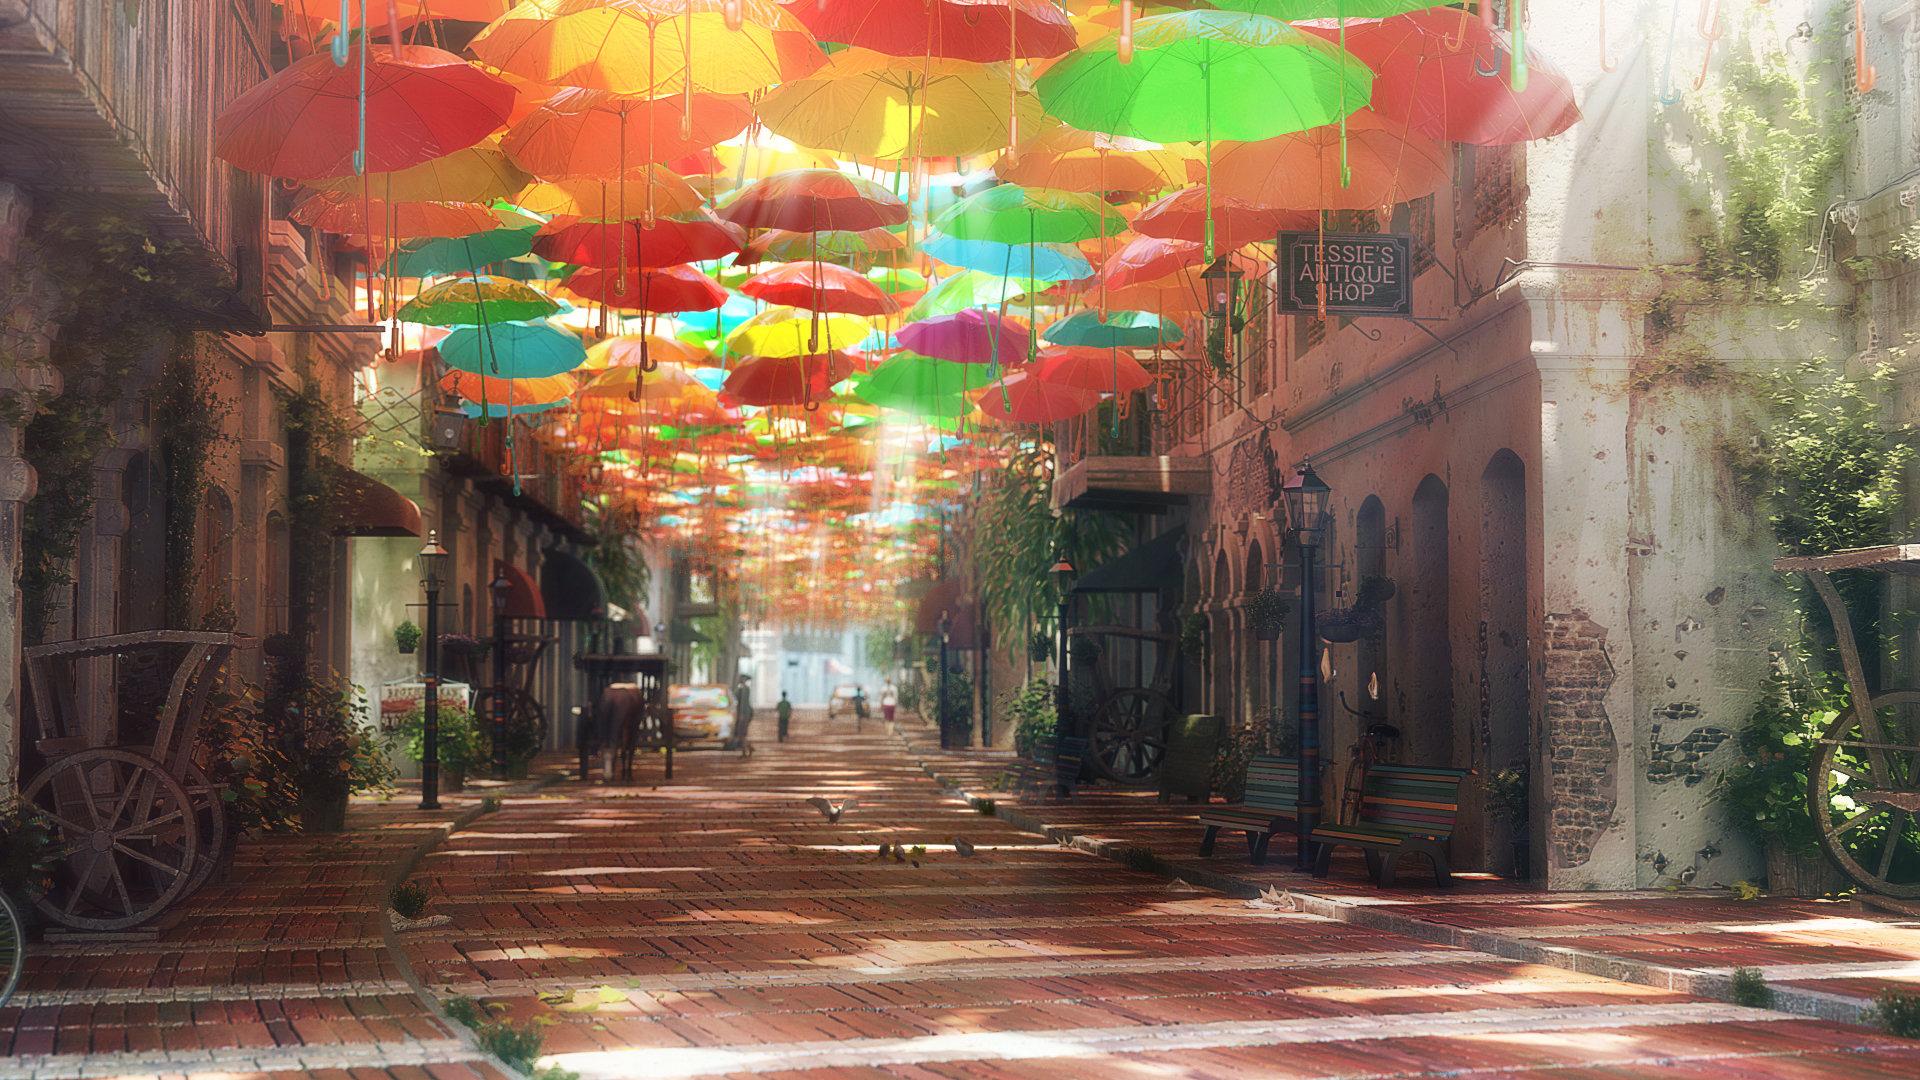 Artstation street of dreams murad abujaish for Street of dreams